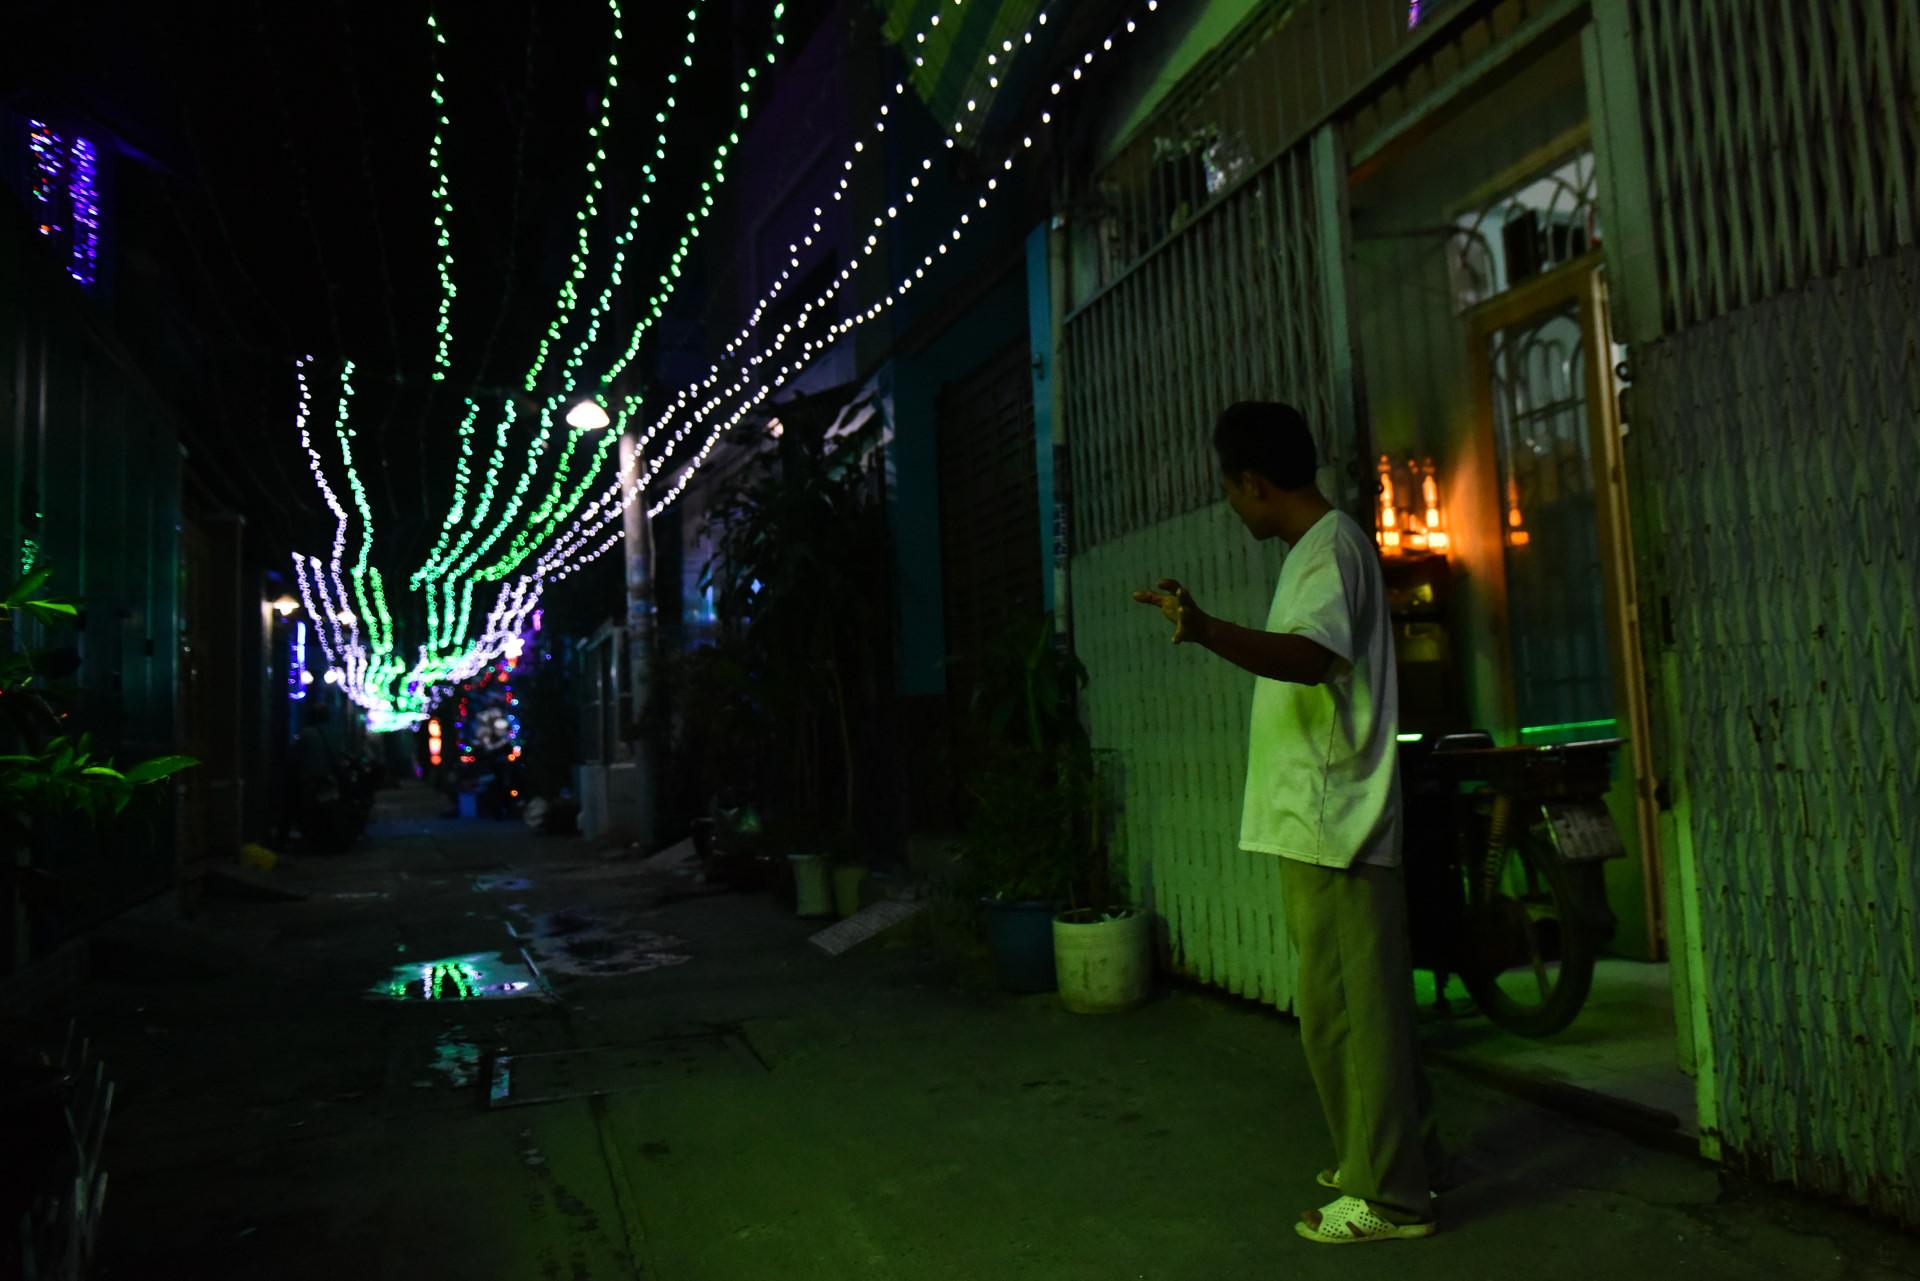 Có một giáng sinh lặng lẽ trong những con hẻm Sài Gòn Ảnh 4